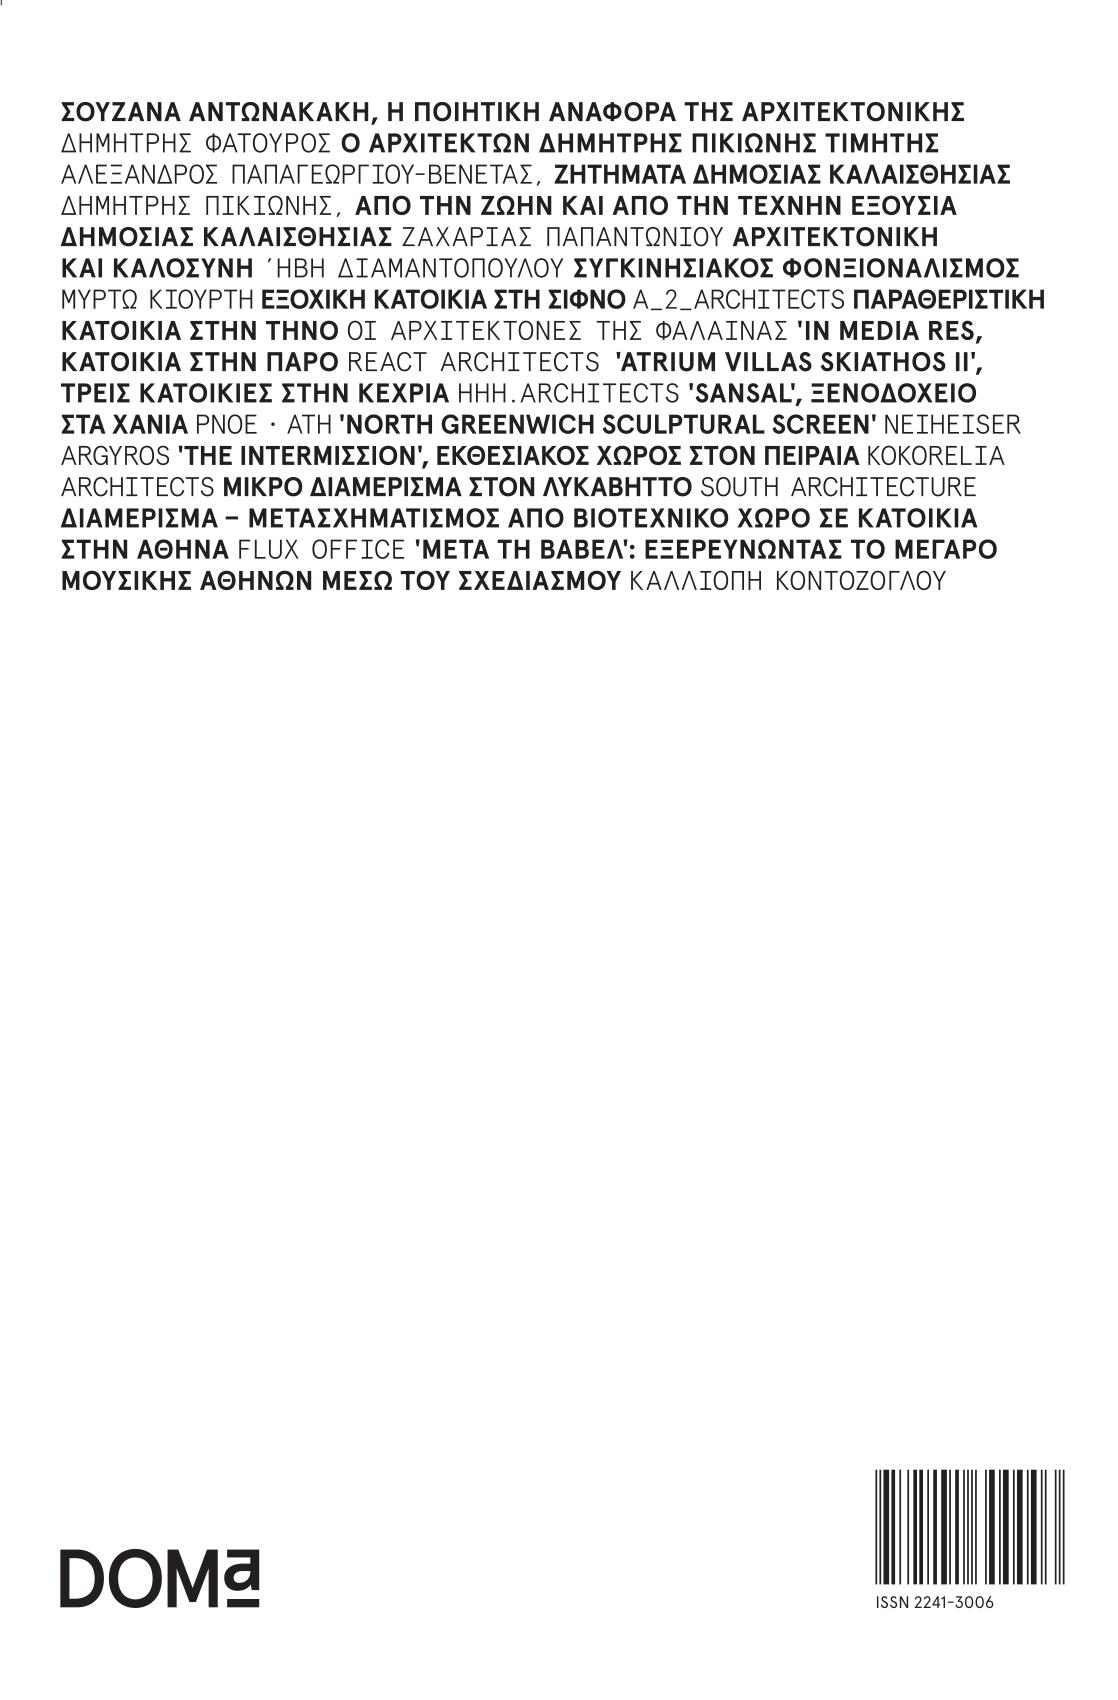 ΔΟΜΕΣ 155_Καλλιόπη Κοντόζογλου_Μετά τη Βαβέλ_page-0025